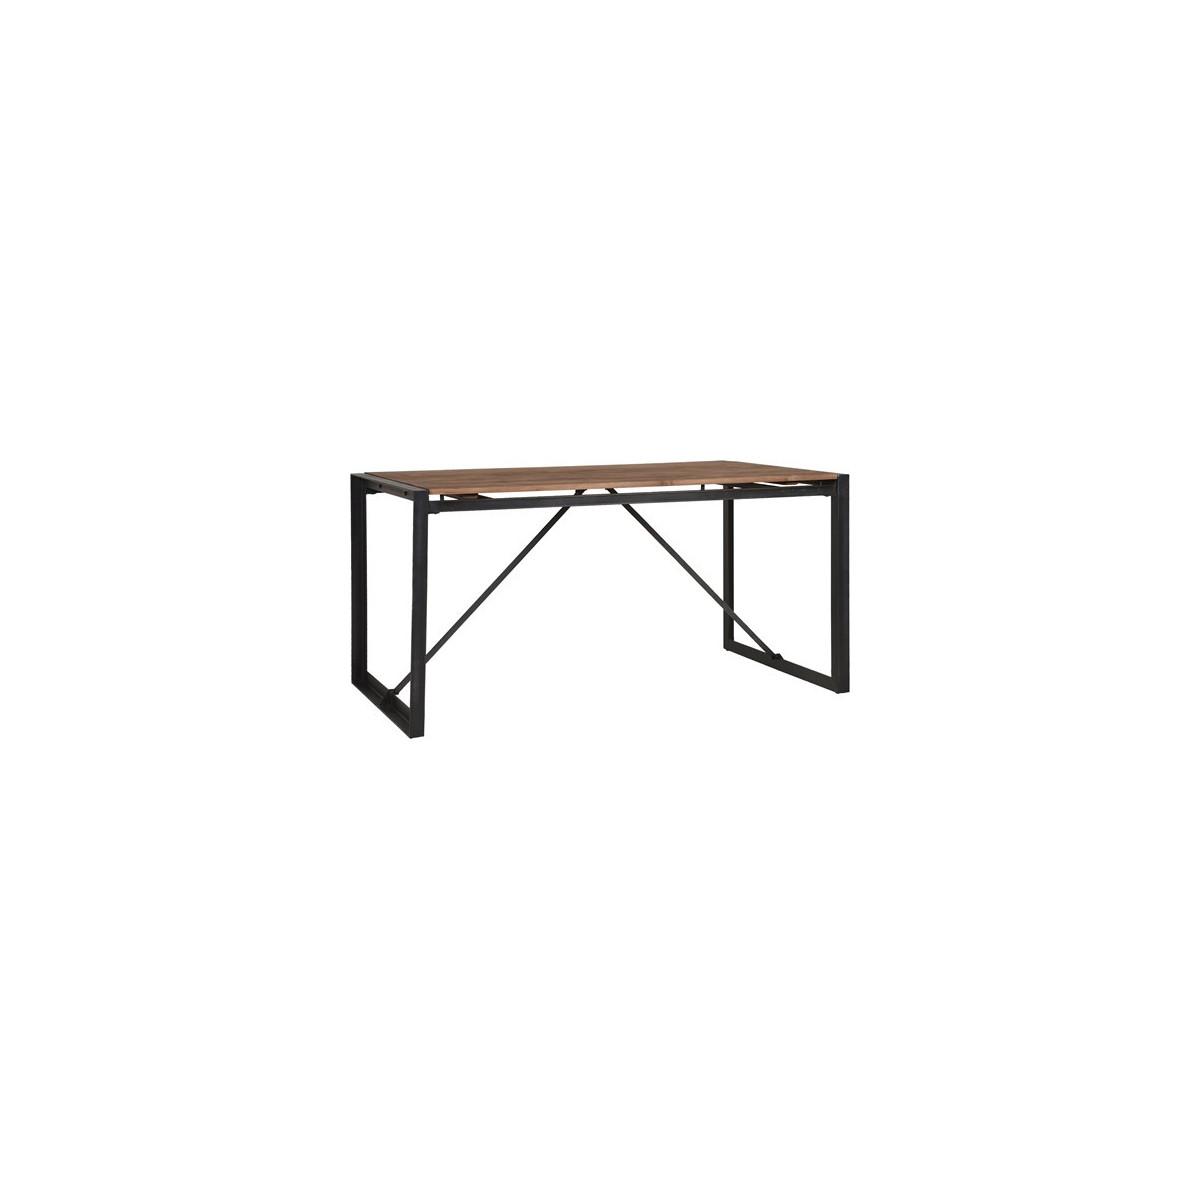 table de salle manger fendy n 1 en teck recycl avec un cadre en m tal noir de la marque d bodhi. Black Bedroom Furniture Sets. Home Design Ideas